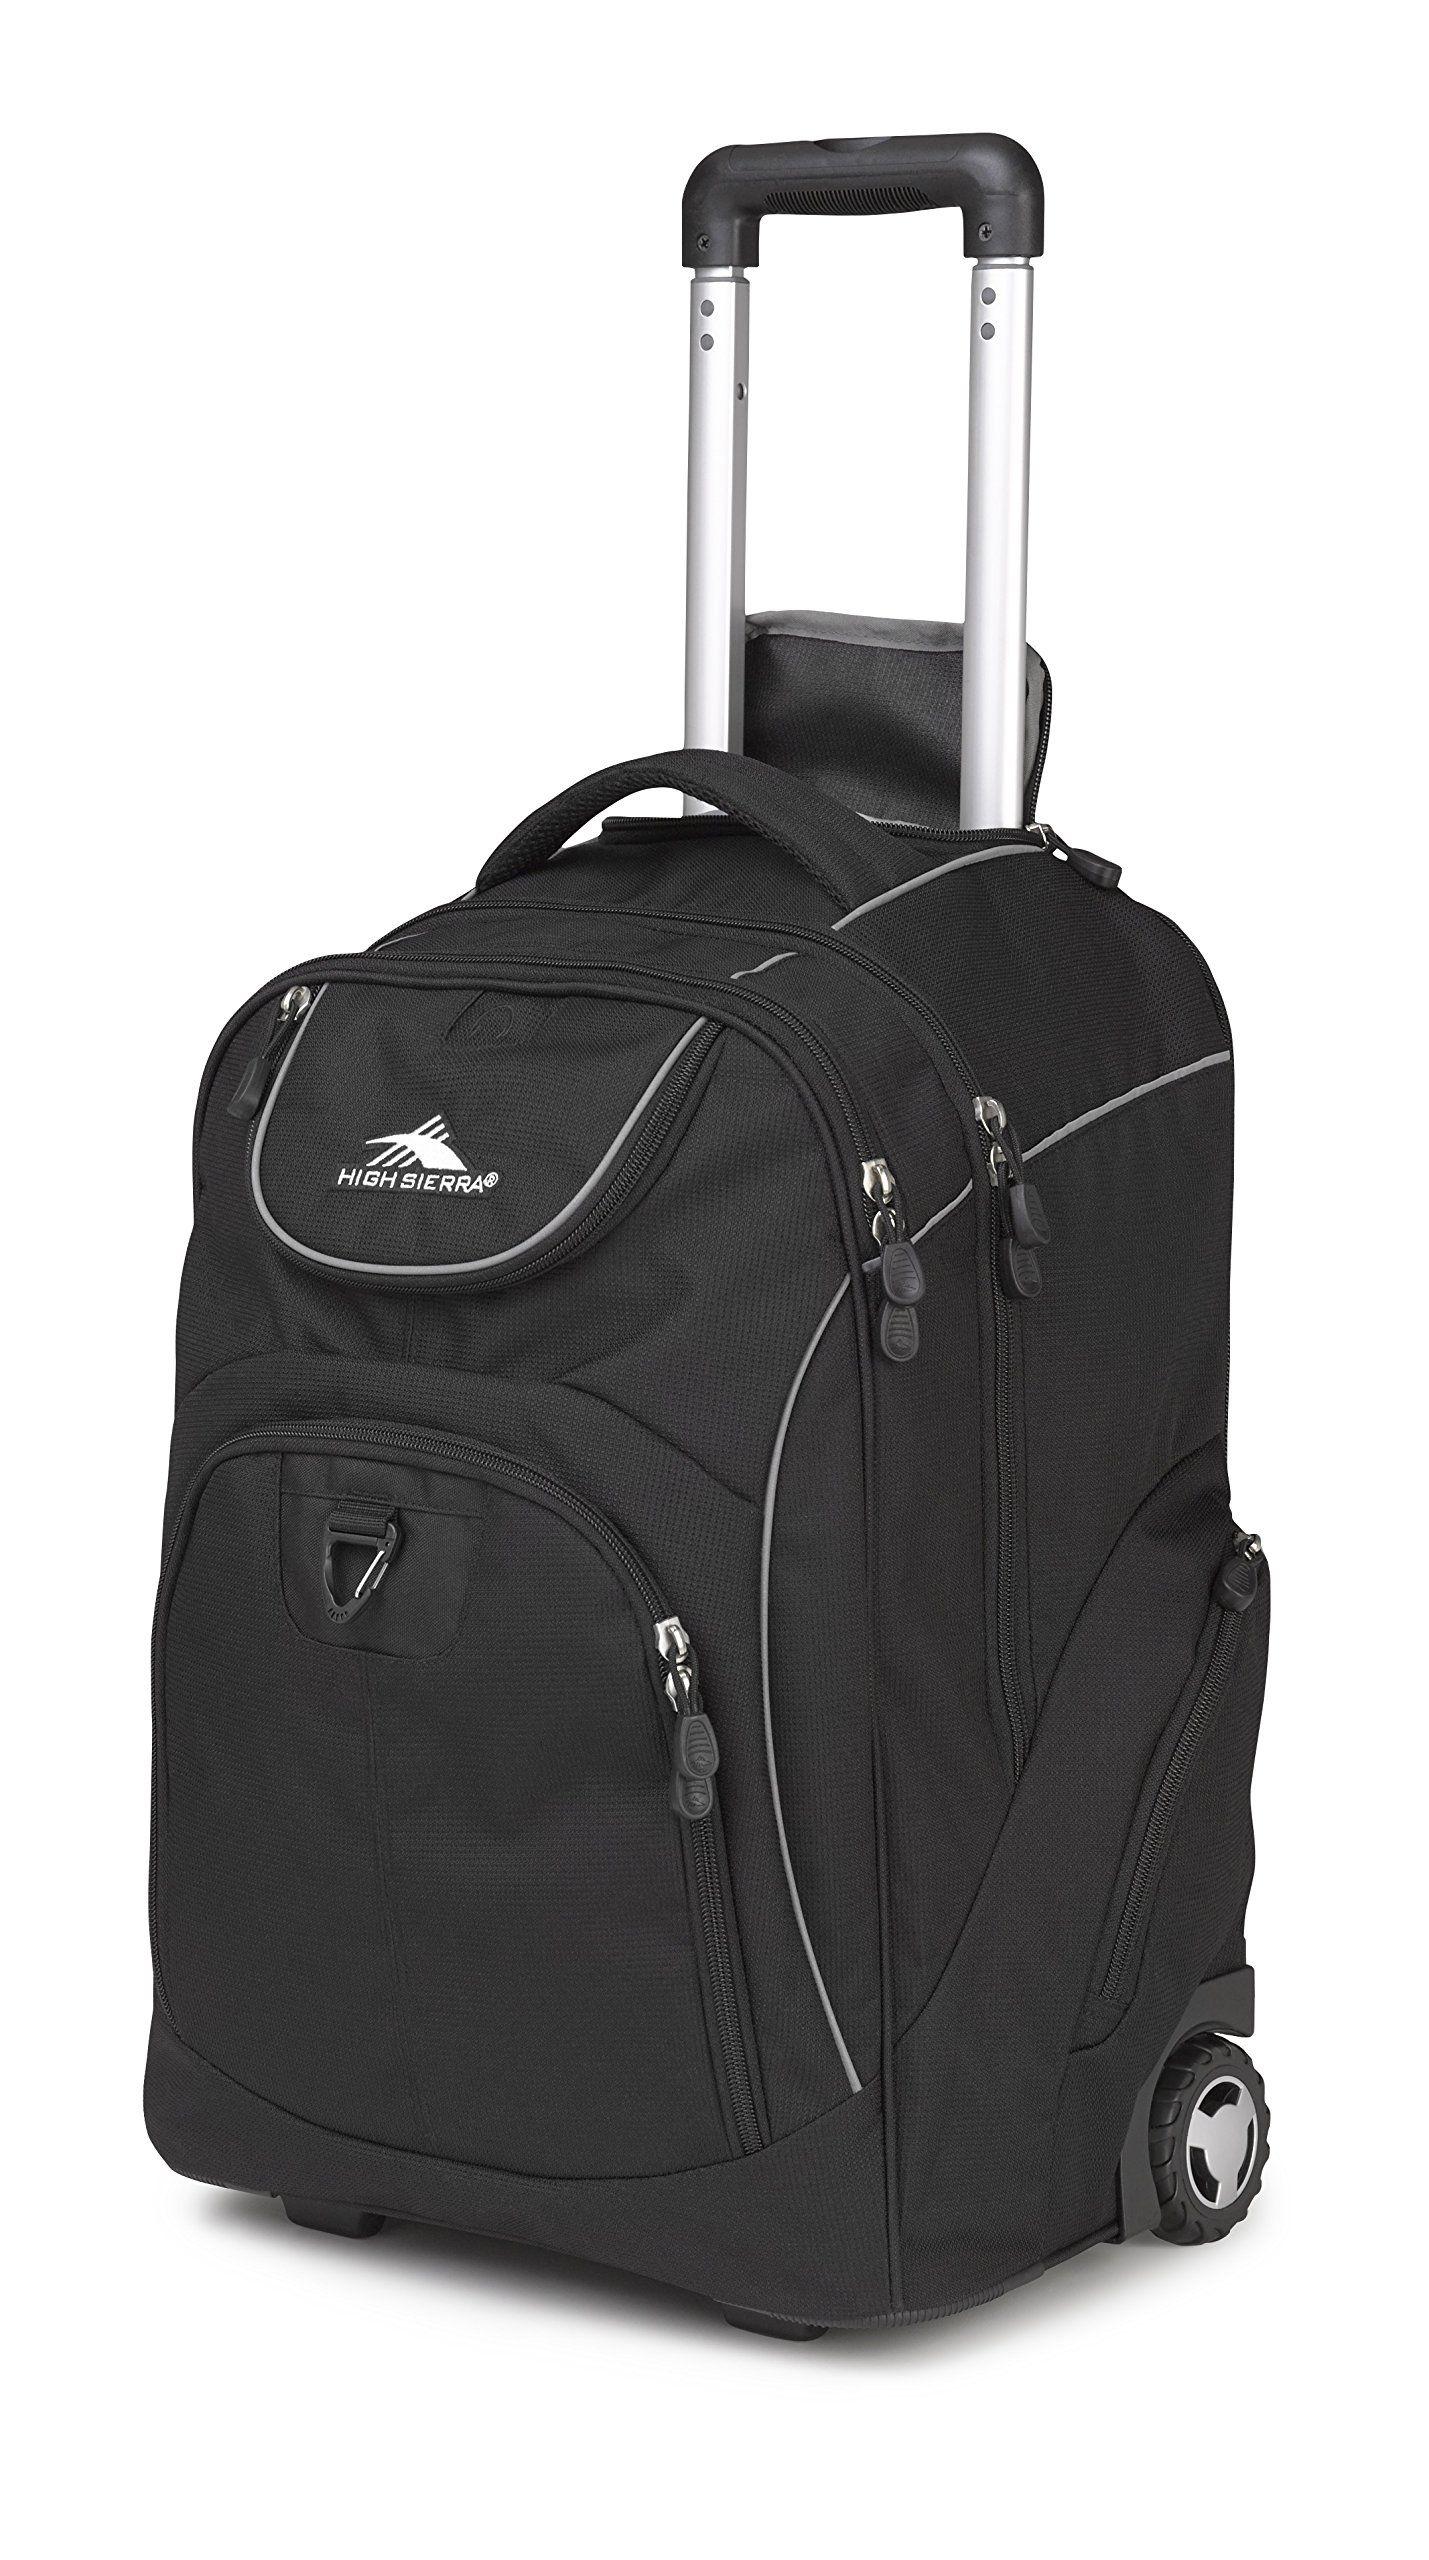 High Sierra Glide Wheeled Backpack Black